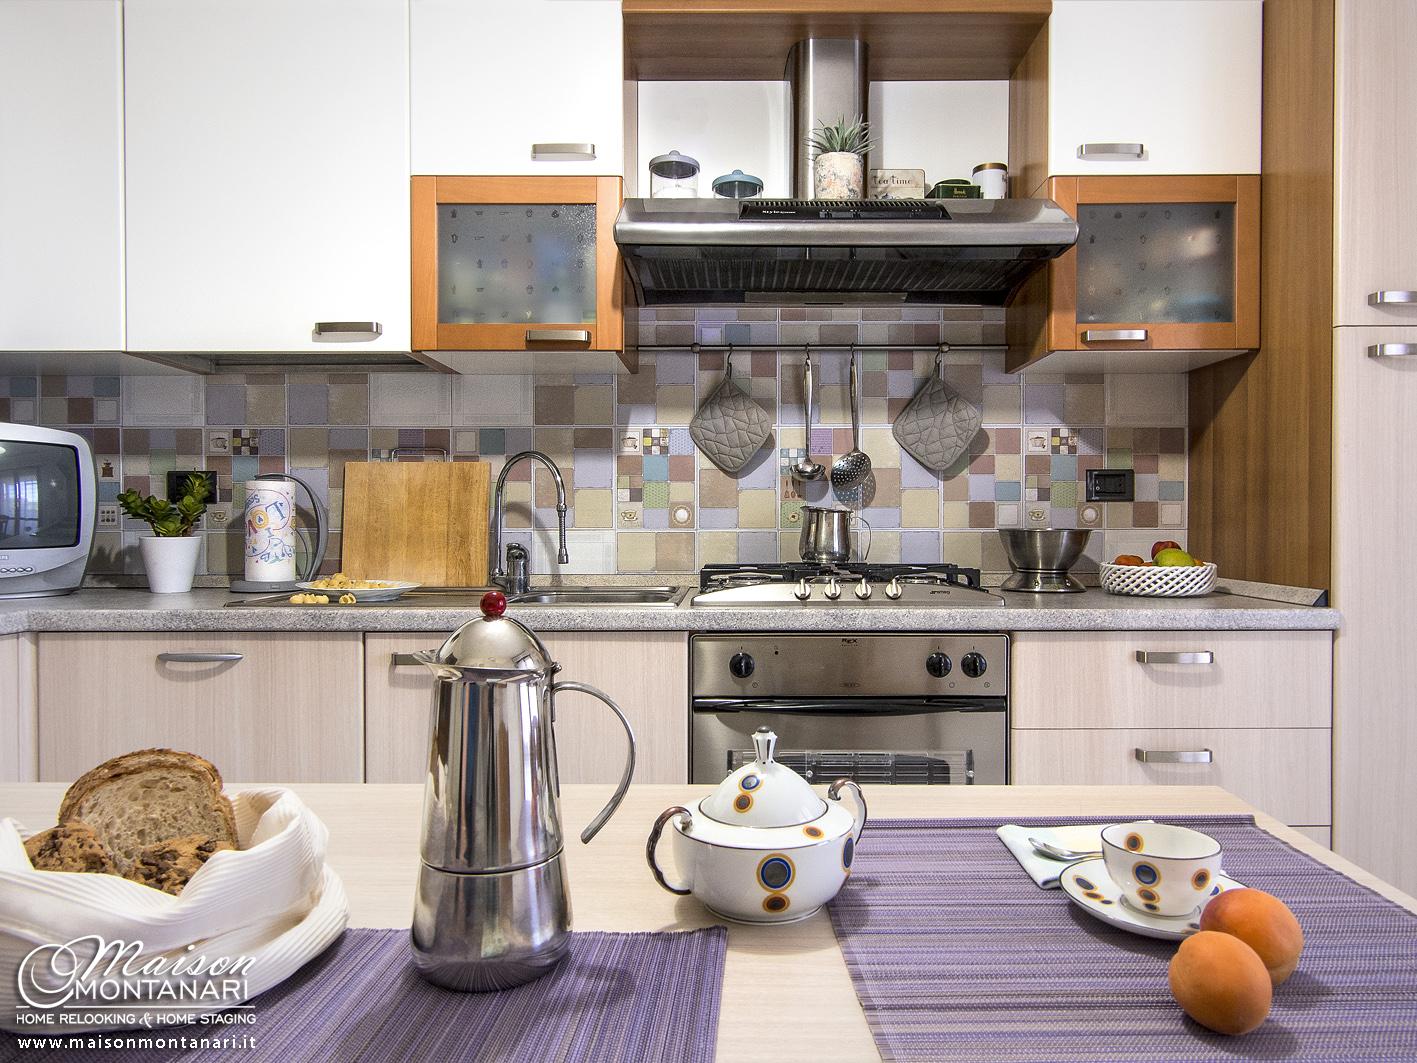 Home Relooking Trasformare La Cucina Unendo Stile Vintage E Moderno Maison Montanari